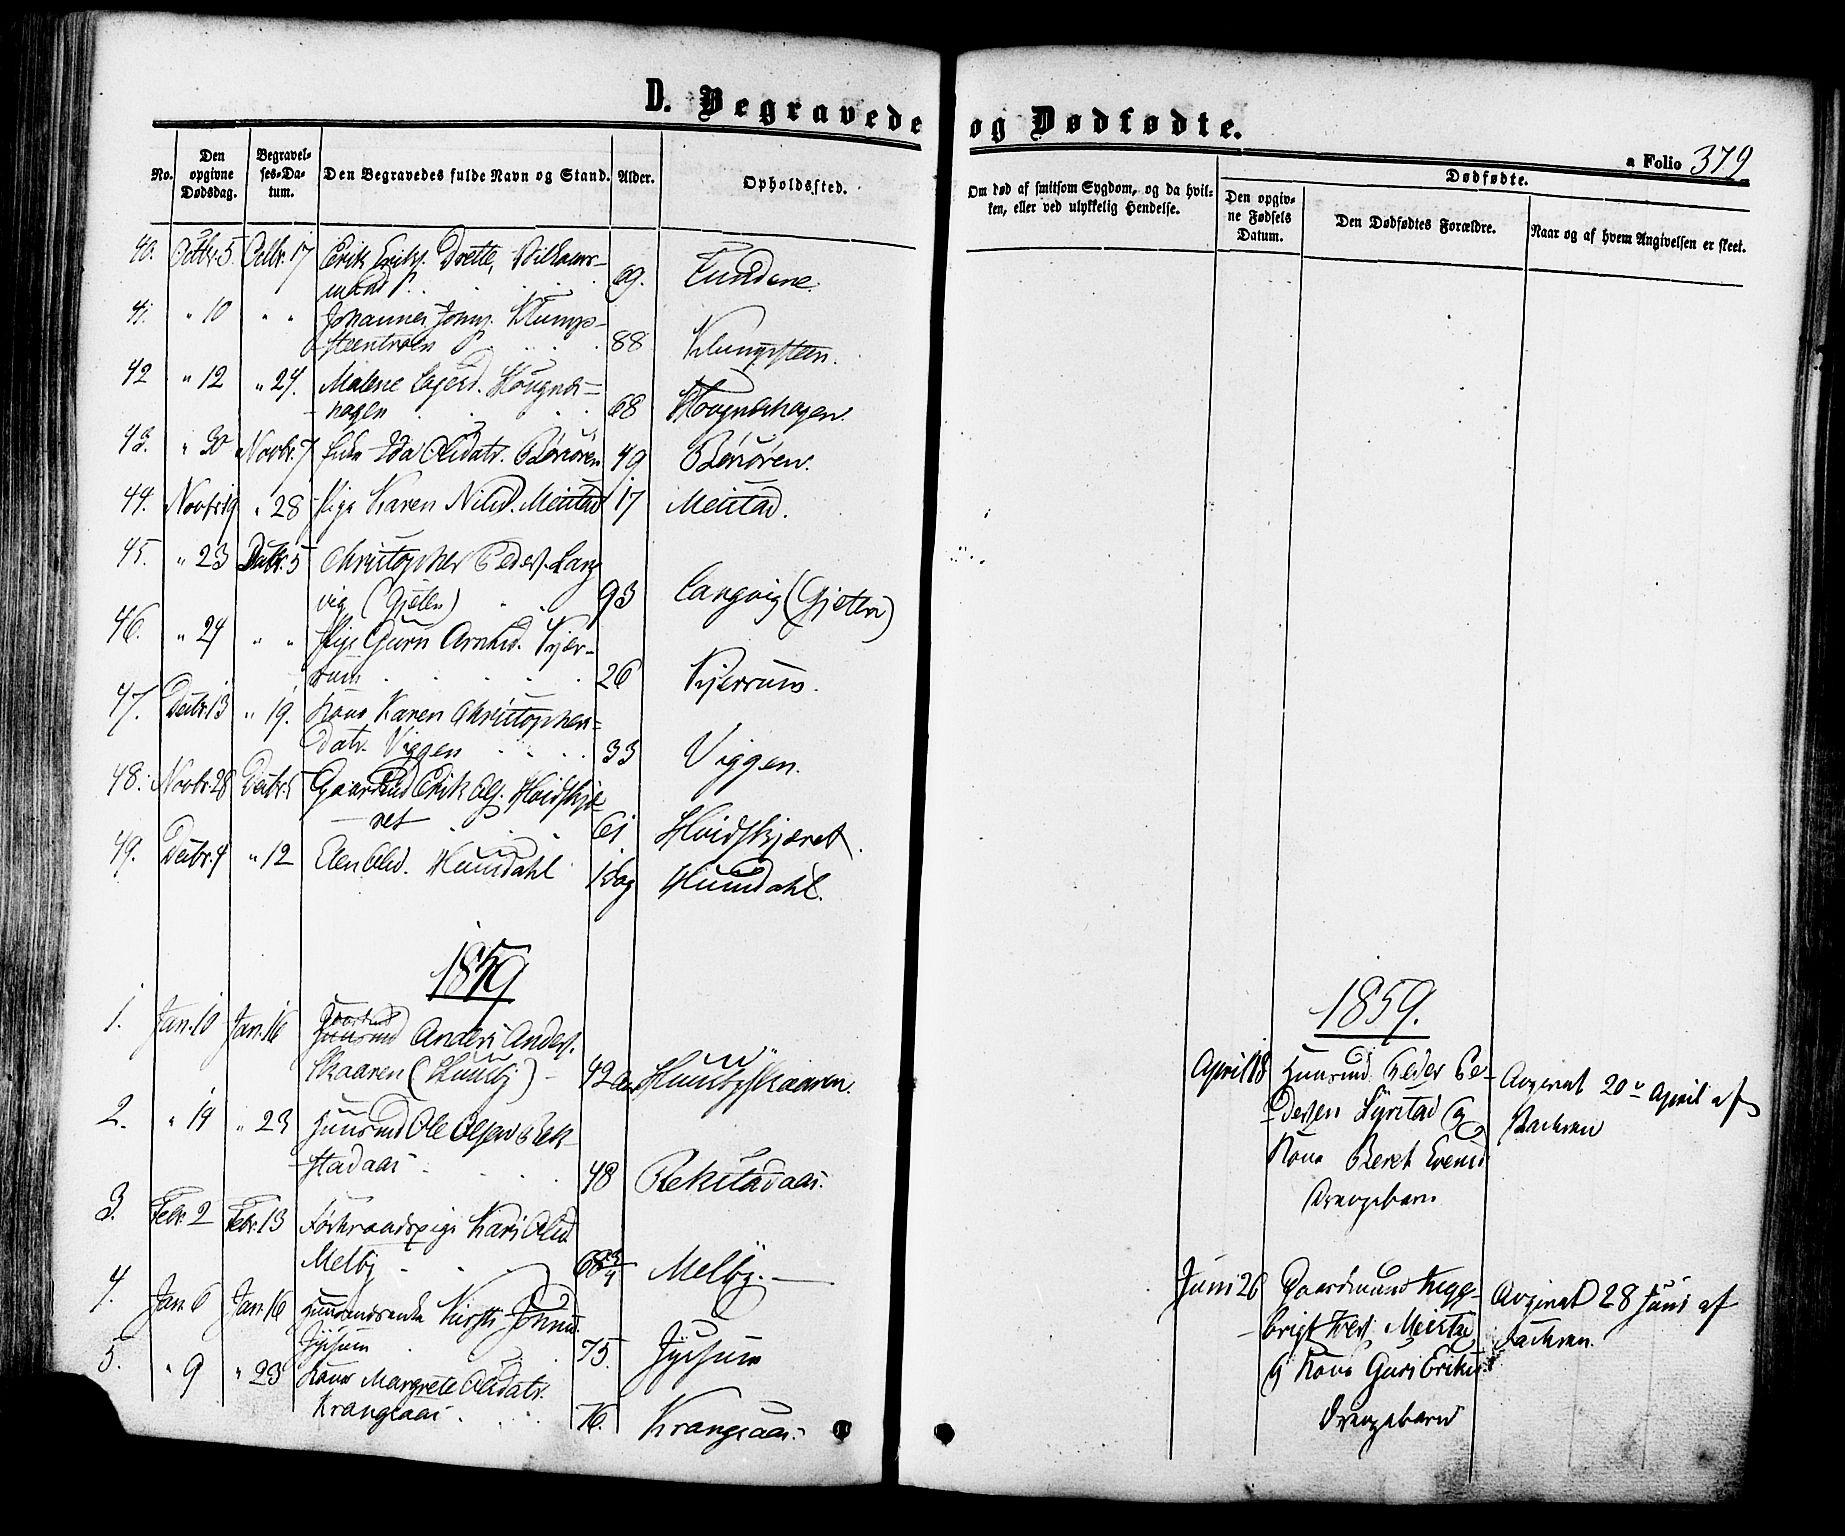 SAT, Ministerialprotokoller, klokkerbøker og fødselsregistre - Sør-Trøndelag, 665/L0772: Ministerialbok nr. 665A07, 1856-1878, s. 379